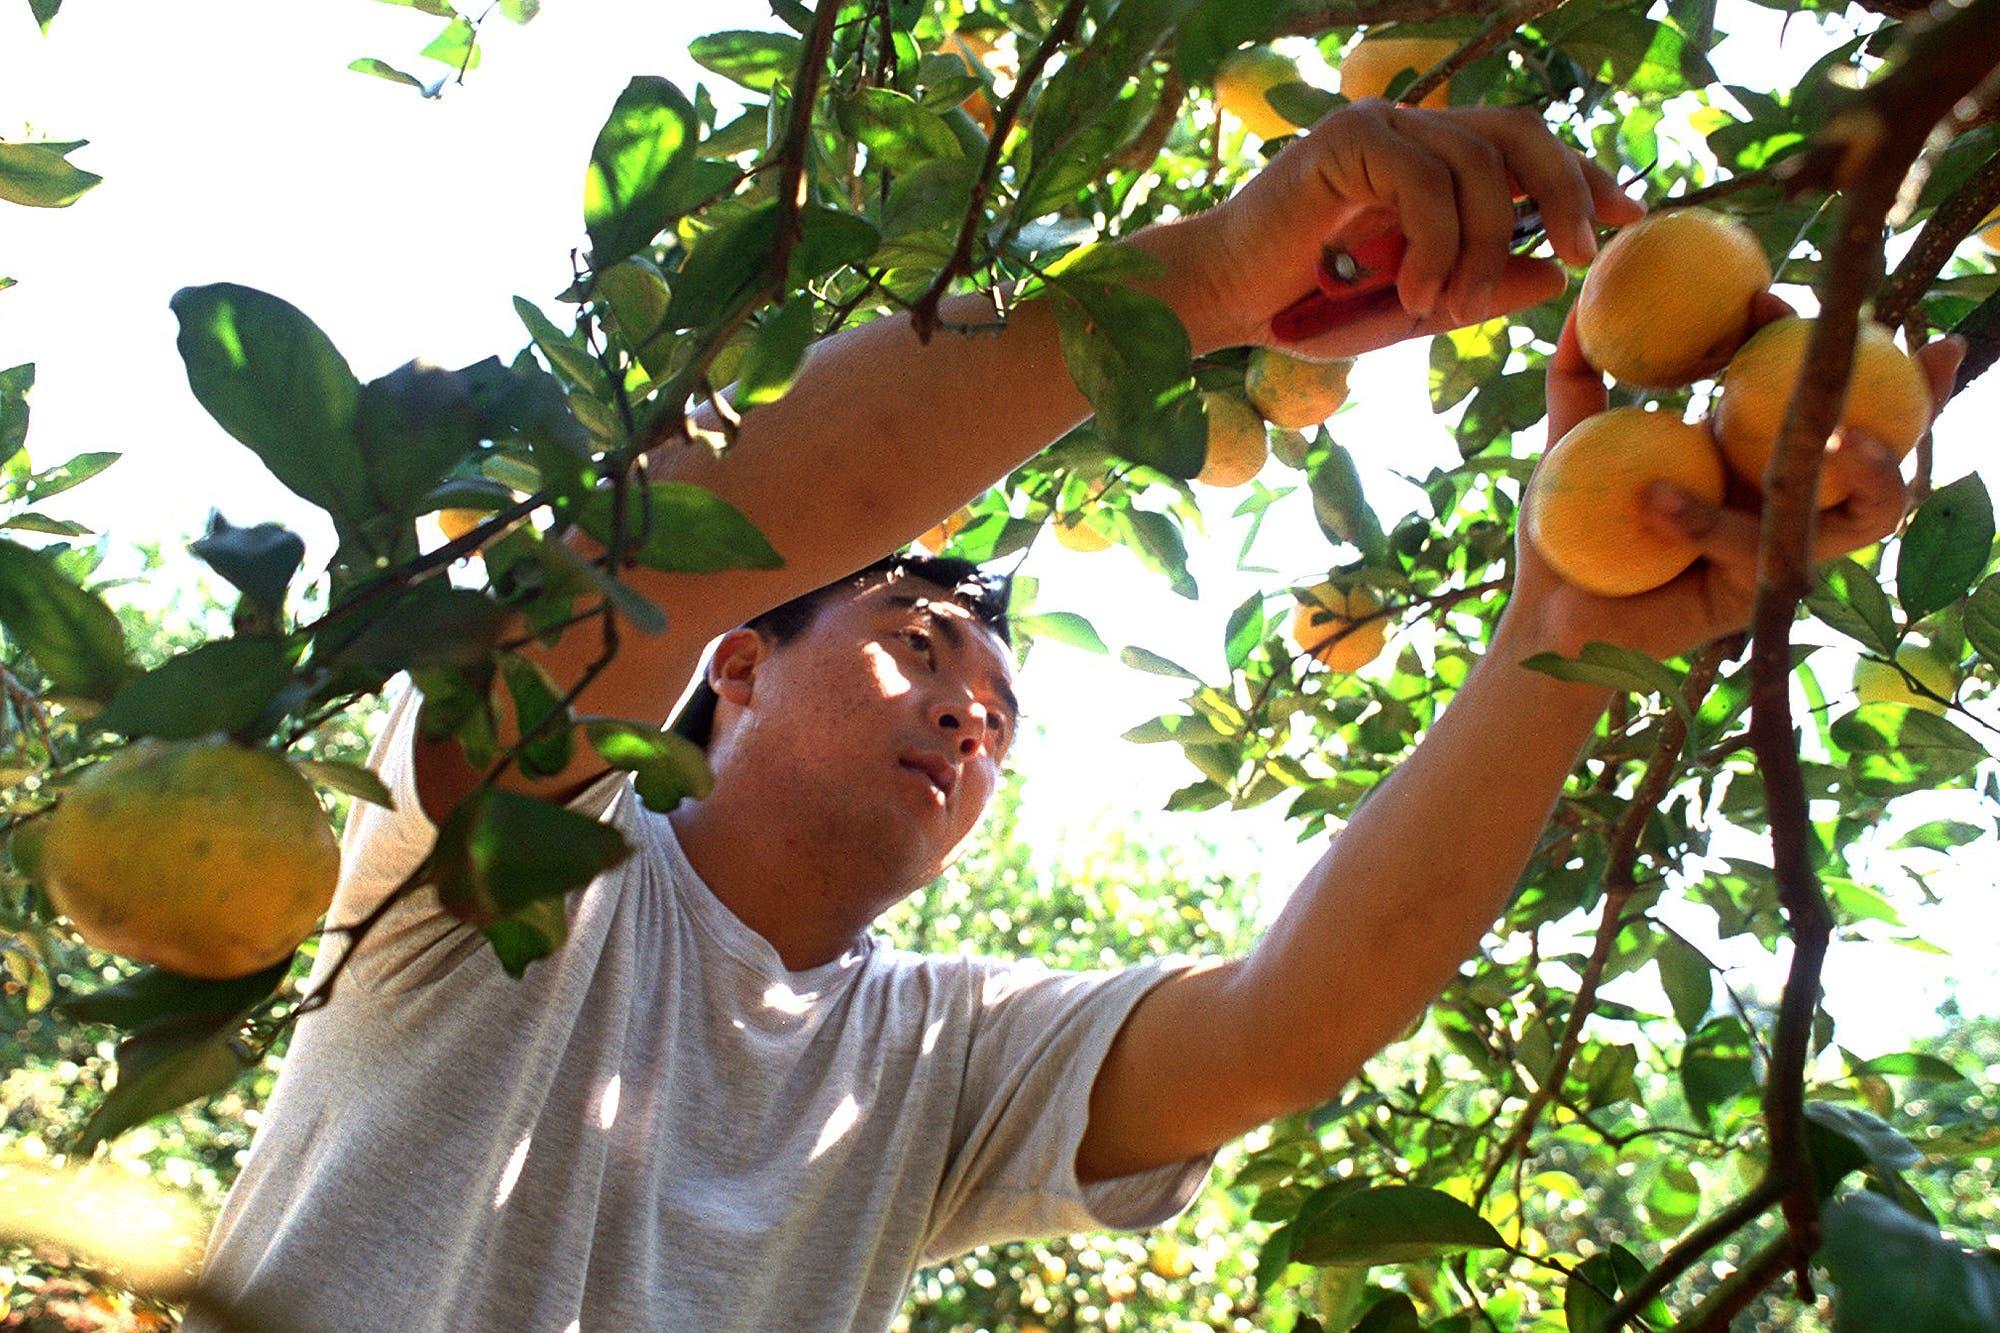 Baja de retenciones: el Consejo Agroindustrial pidió sumar a más productos de economías regionales